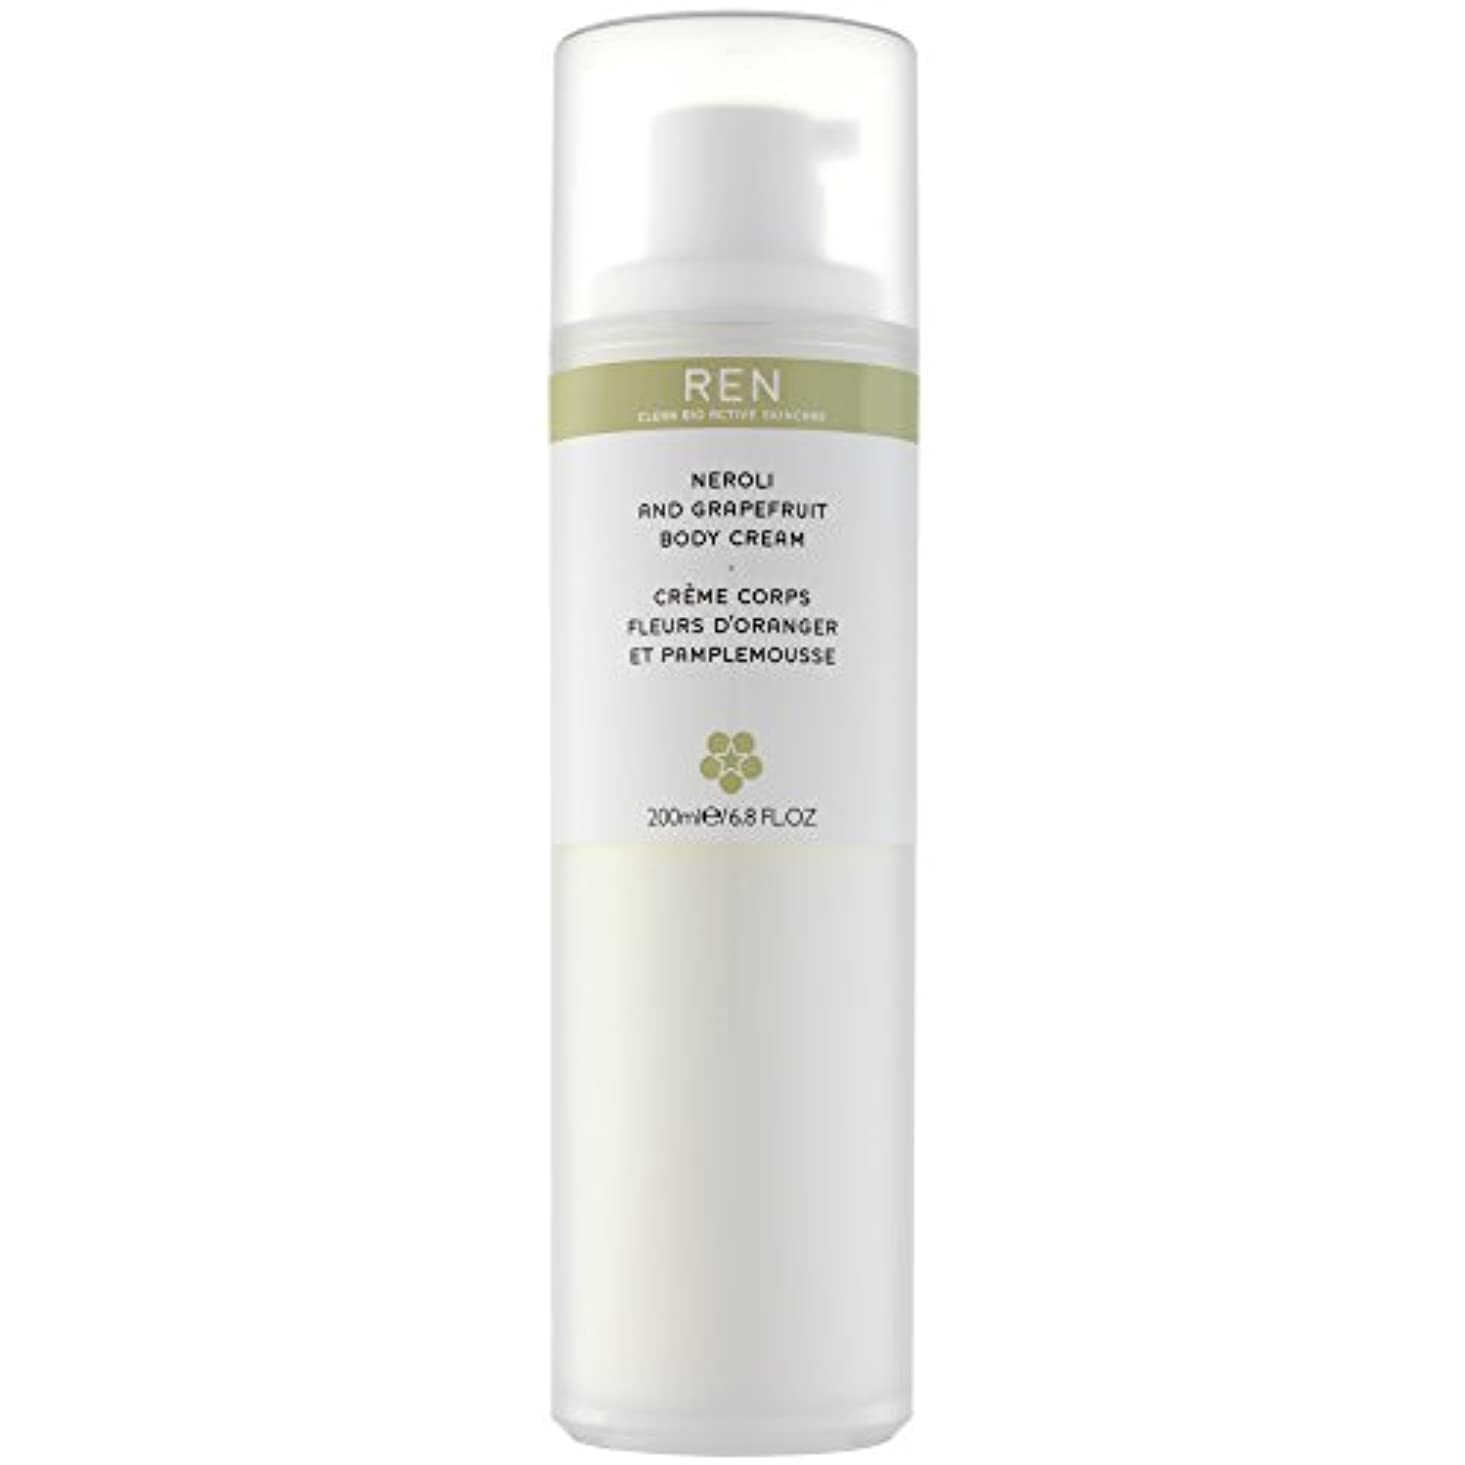 デンマーク娯楽カンガルーRenネロリとグレープフルーツボディクリーム200ミリリットル (REN) (x2) - REN Neroli and Grapefruit Body Cream 200ml (Pack of 2) [並行輸入品]